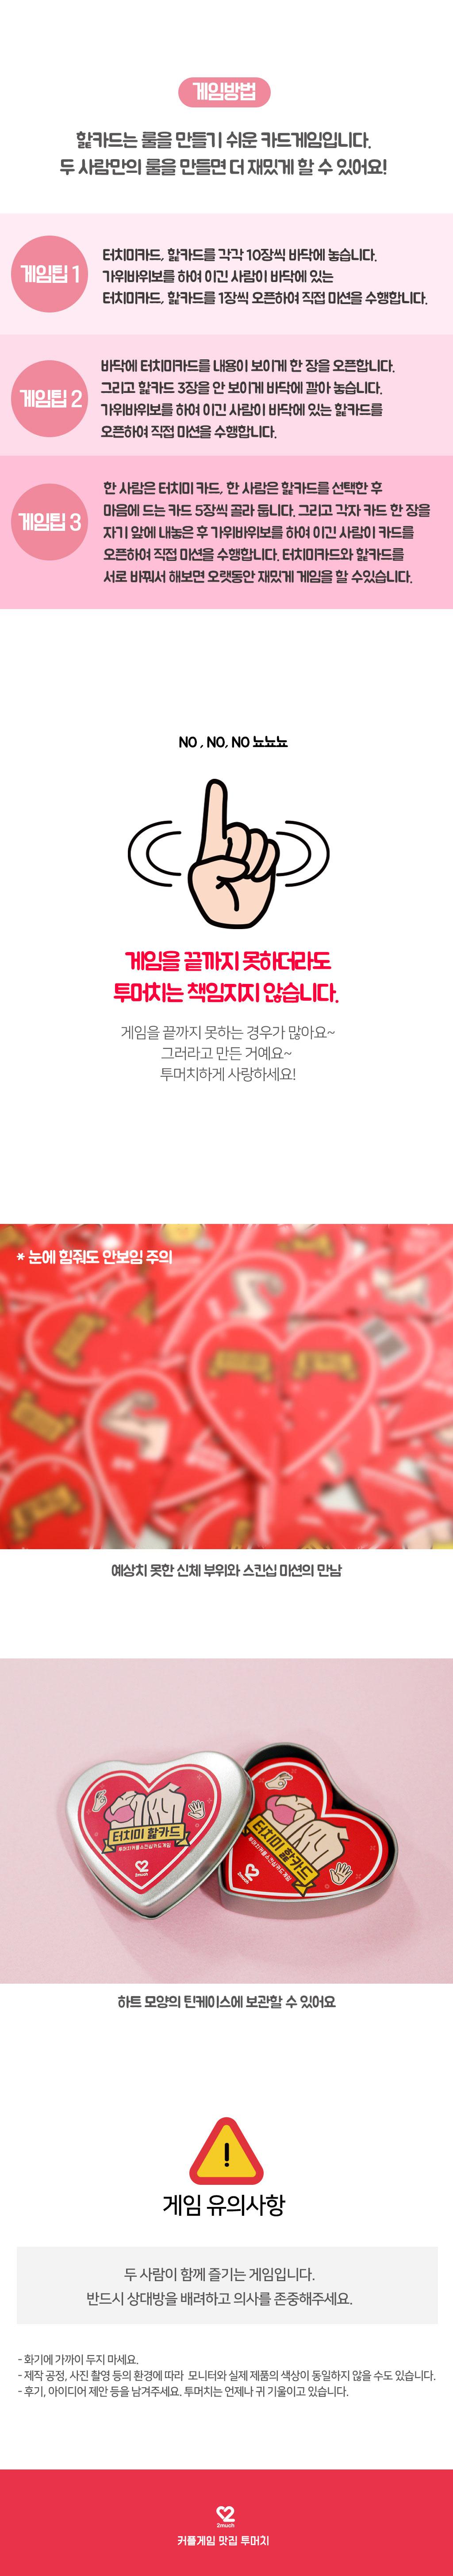 card03_164723.jpg